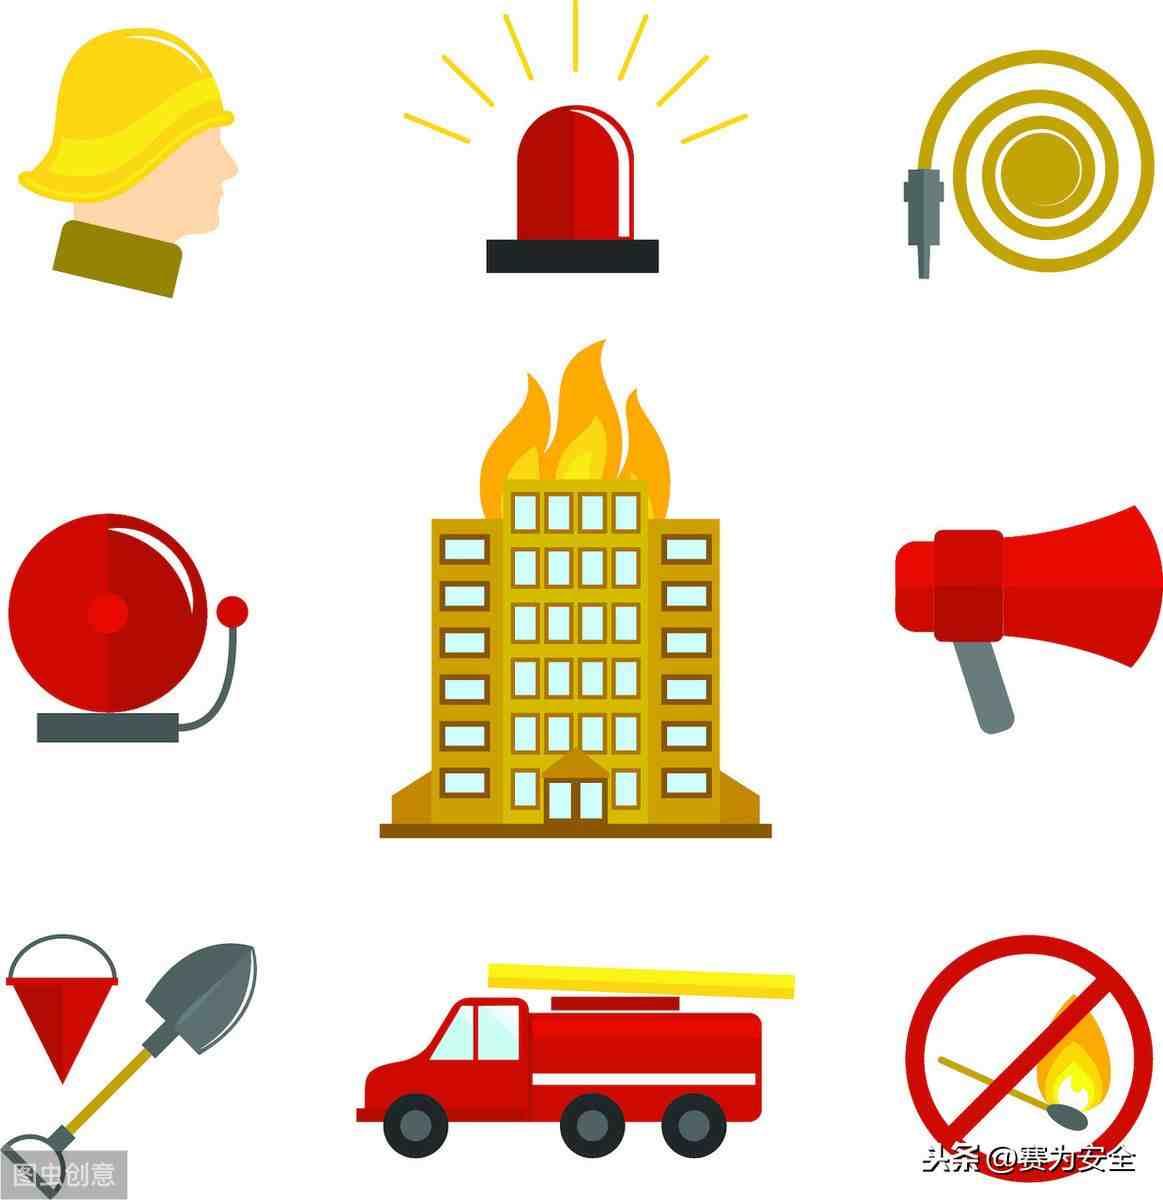 消防安全月可用的消防口号,你用得着 消防宣传语(消防安全最新宣传标语大全) 投稿